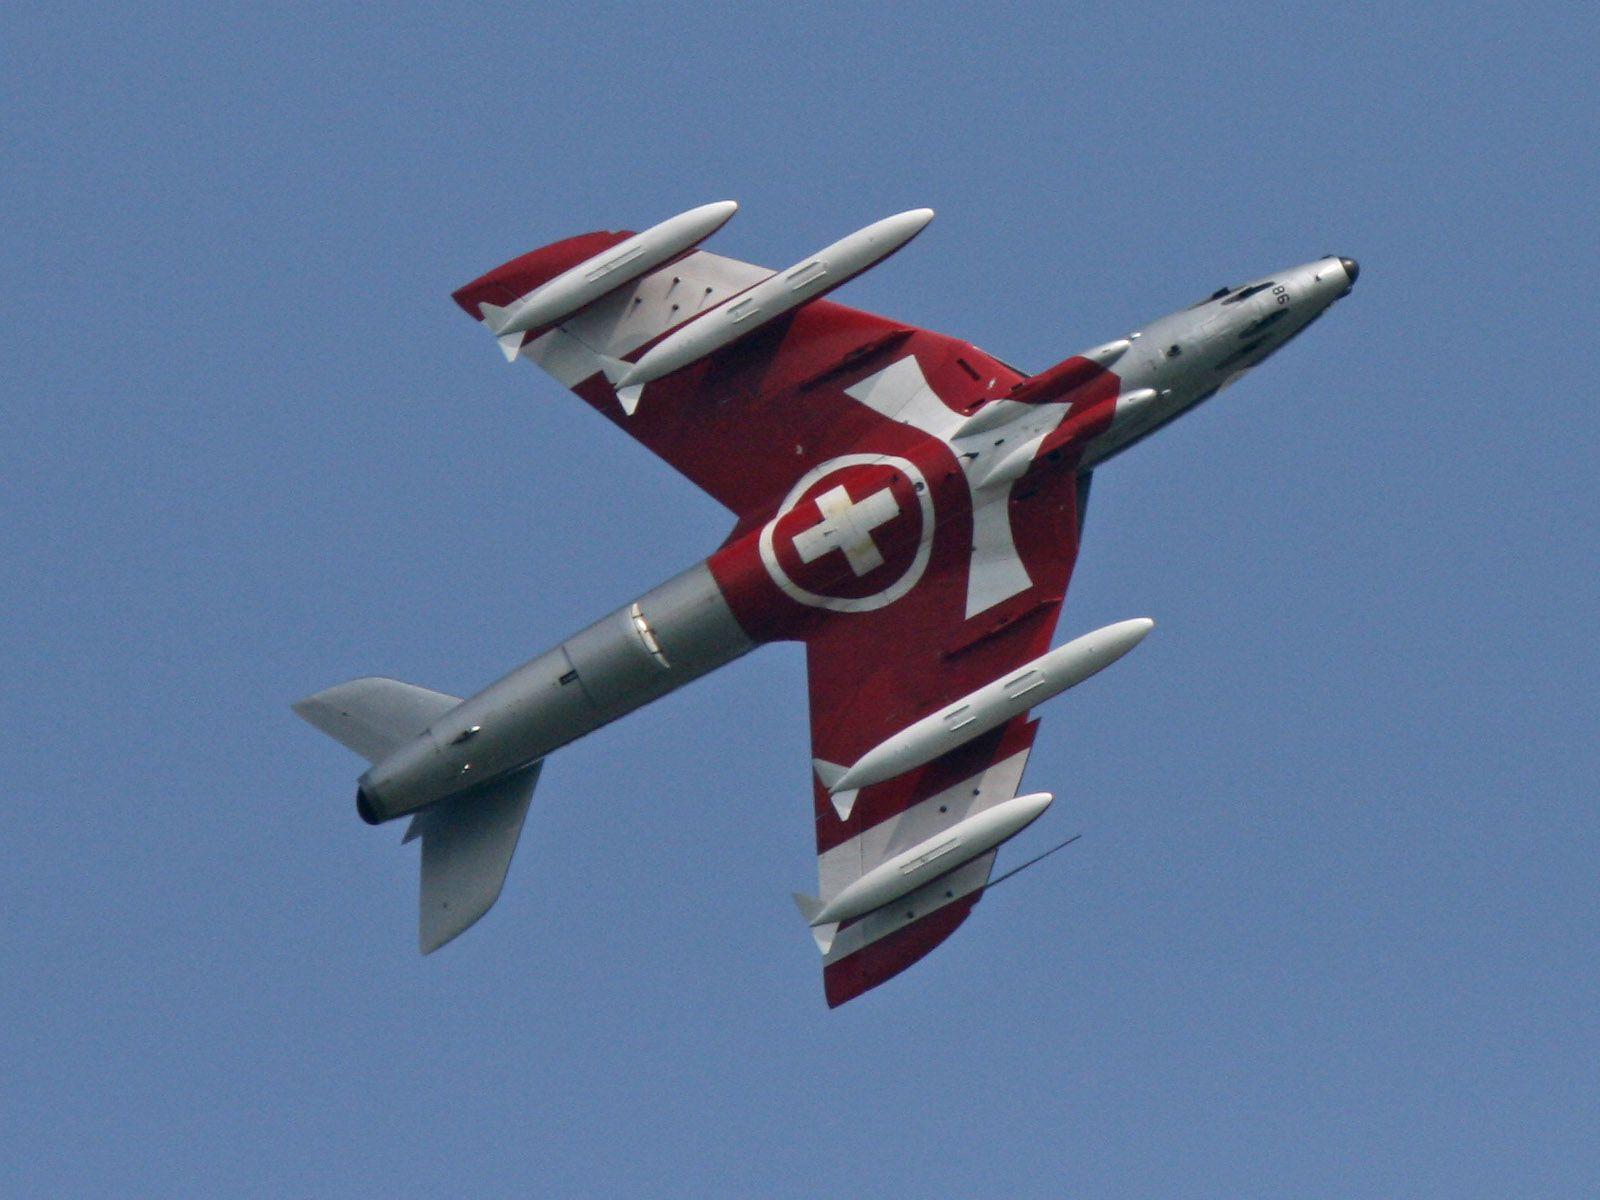 Bilder Hawker Hunter - Kategorie: Hawker Hunter - Bild: Hawker Hunter Mk.58 J-4086 HB-RVU